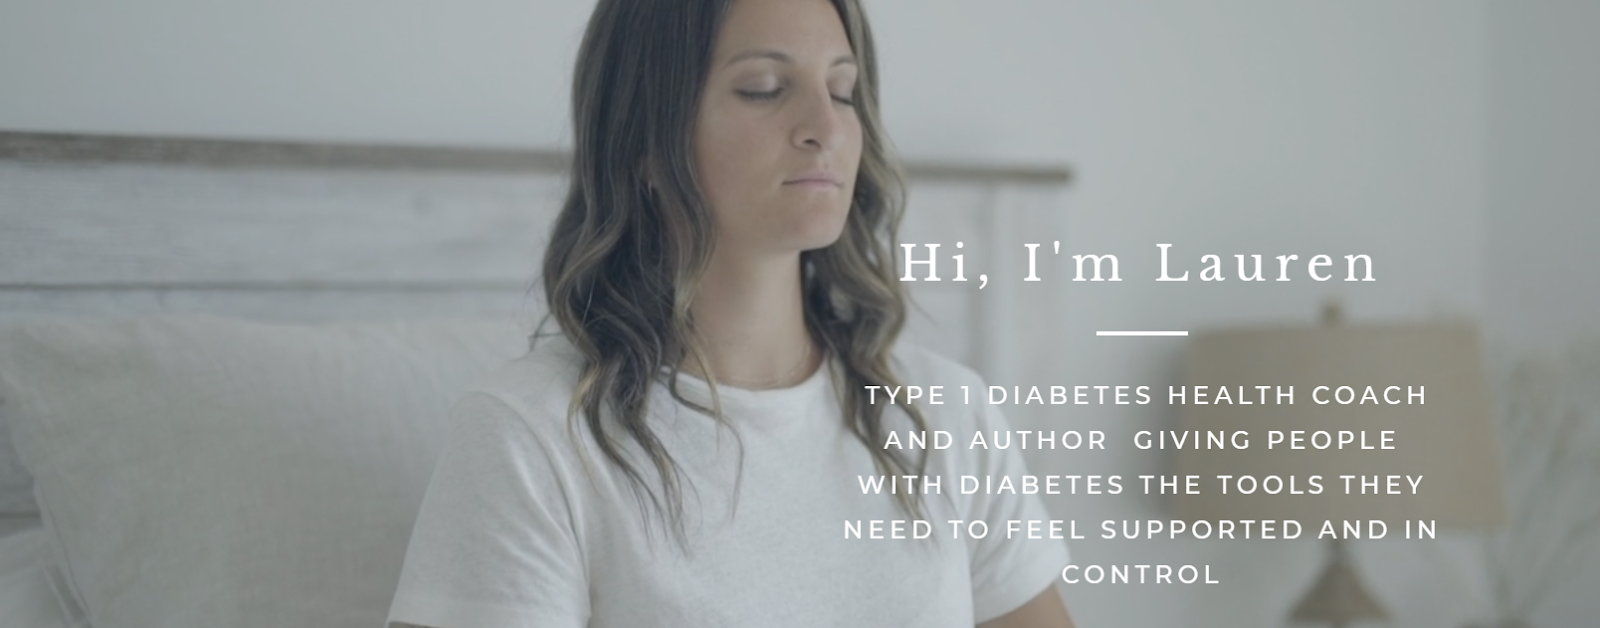 Screenshot of the website of diabetes health coach Lauren Bongiorno